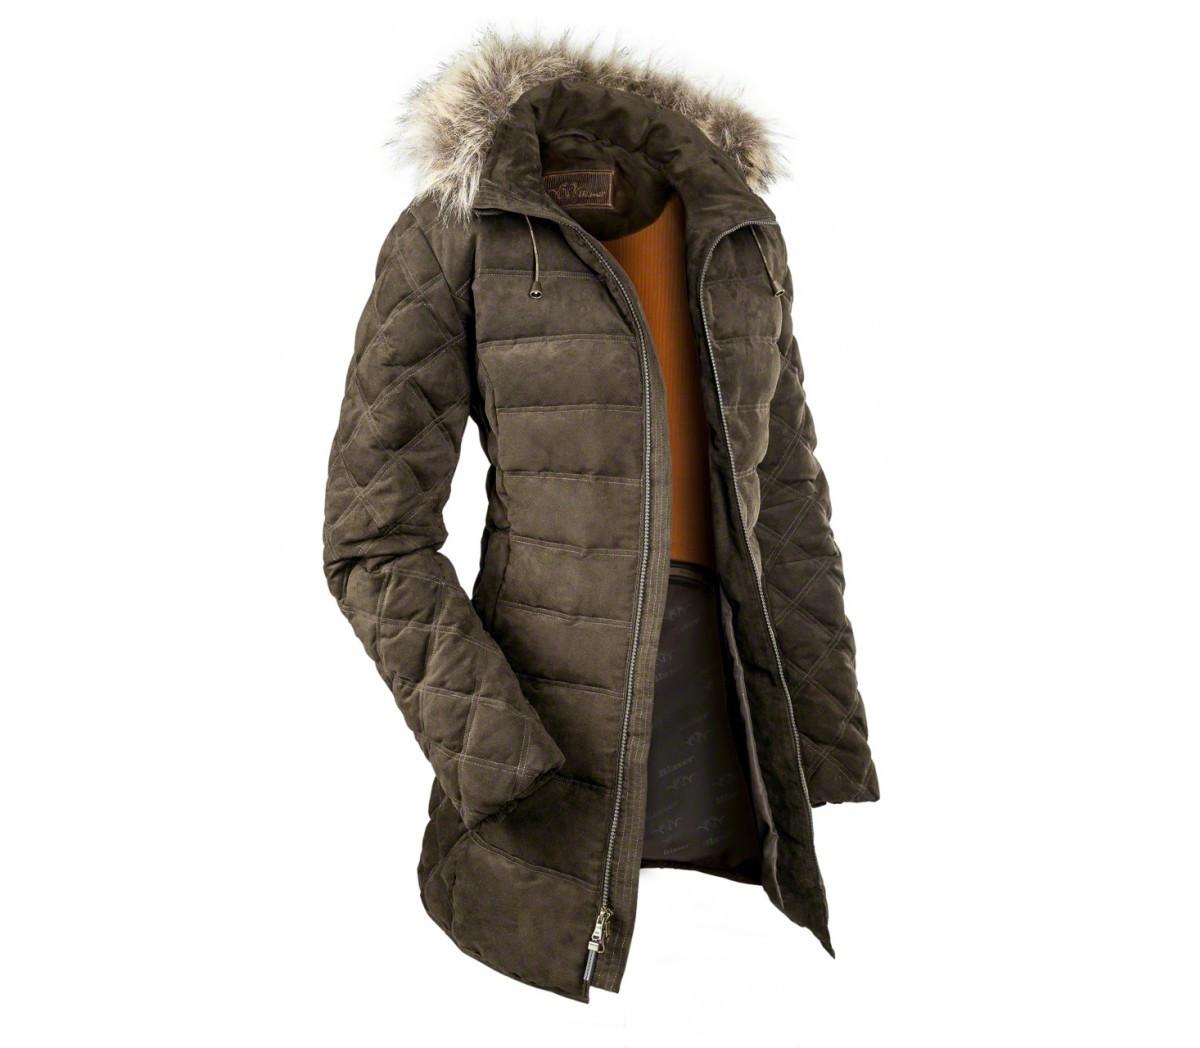 manteau en duvet pour femme bergen blaser taille 36 champgrand. Black Bedroom Furniture Sets. Home Design Ideas